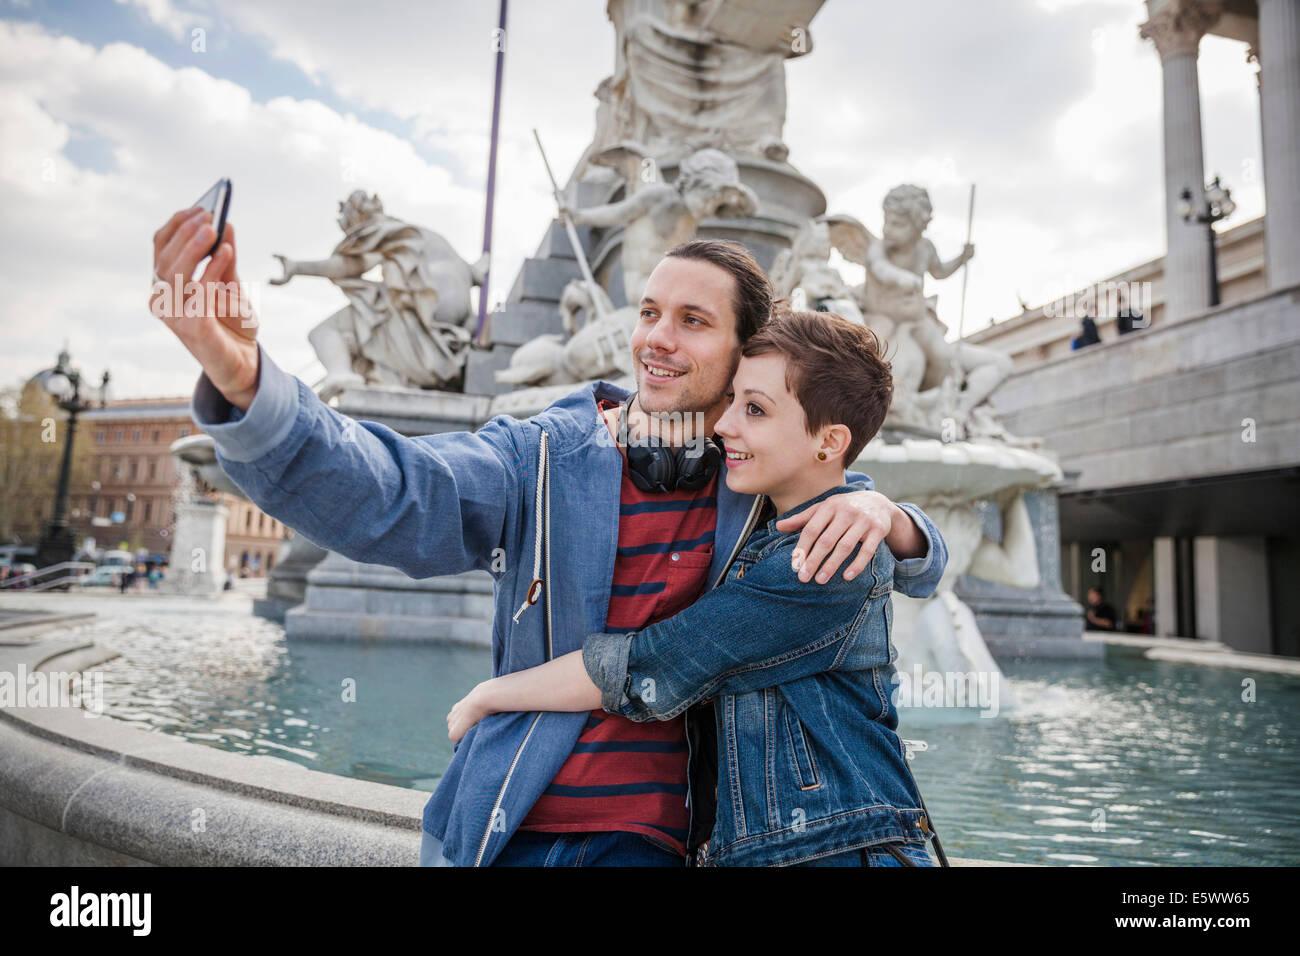 Image jeunes adultes d'eux-mêmes, Vienne, Autriche Photo Stock